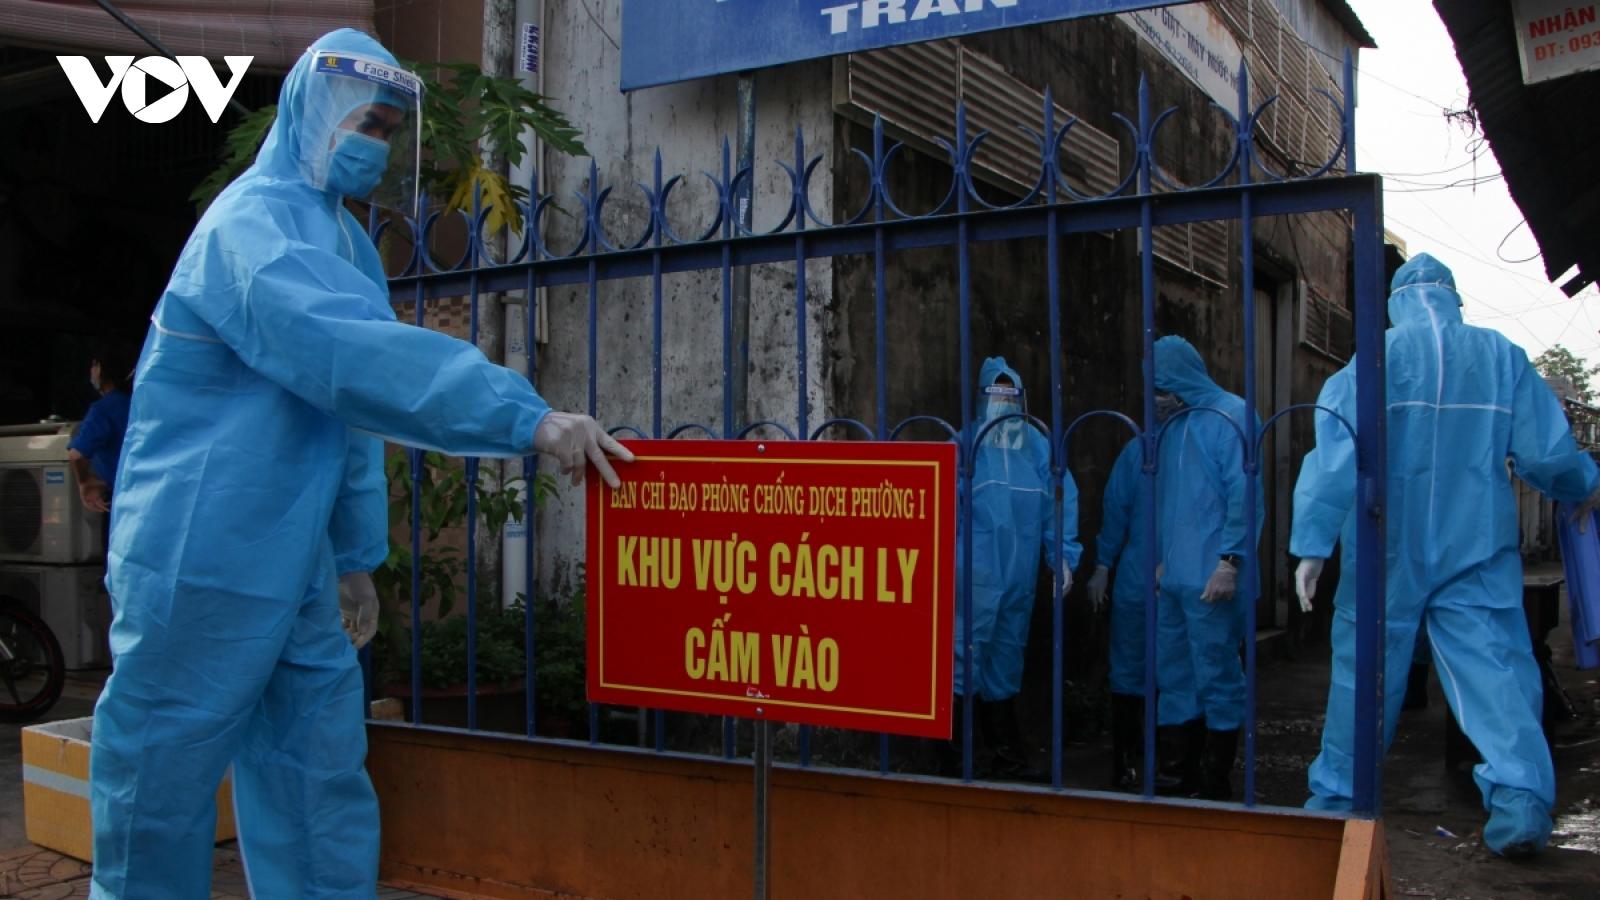 Sáng 15/6, có thêm 70 ca mắc COVID-19 trong nước, chủ yếu ở Bắc Giang, TP.HCM